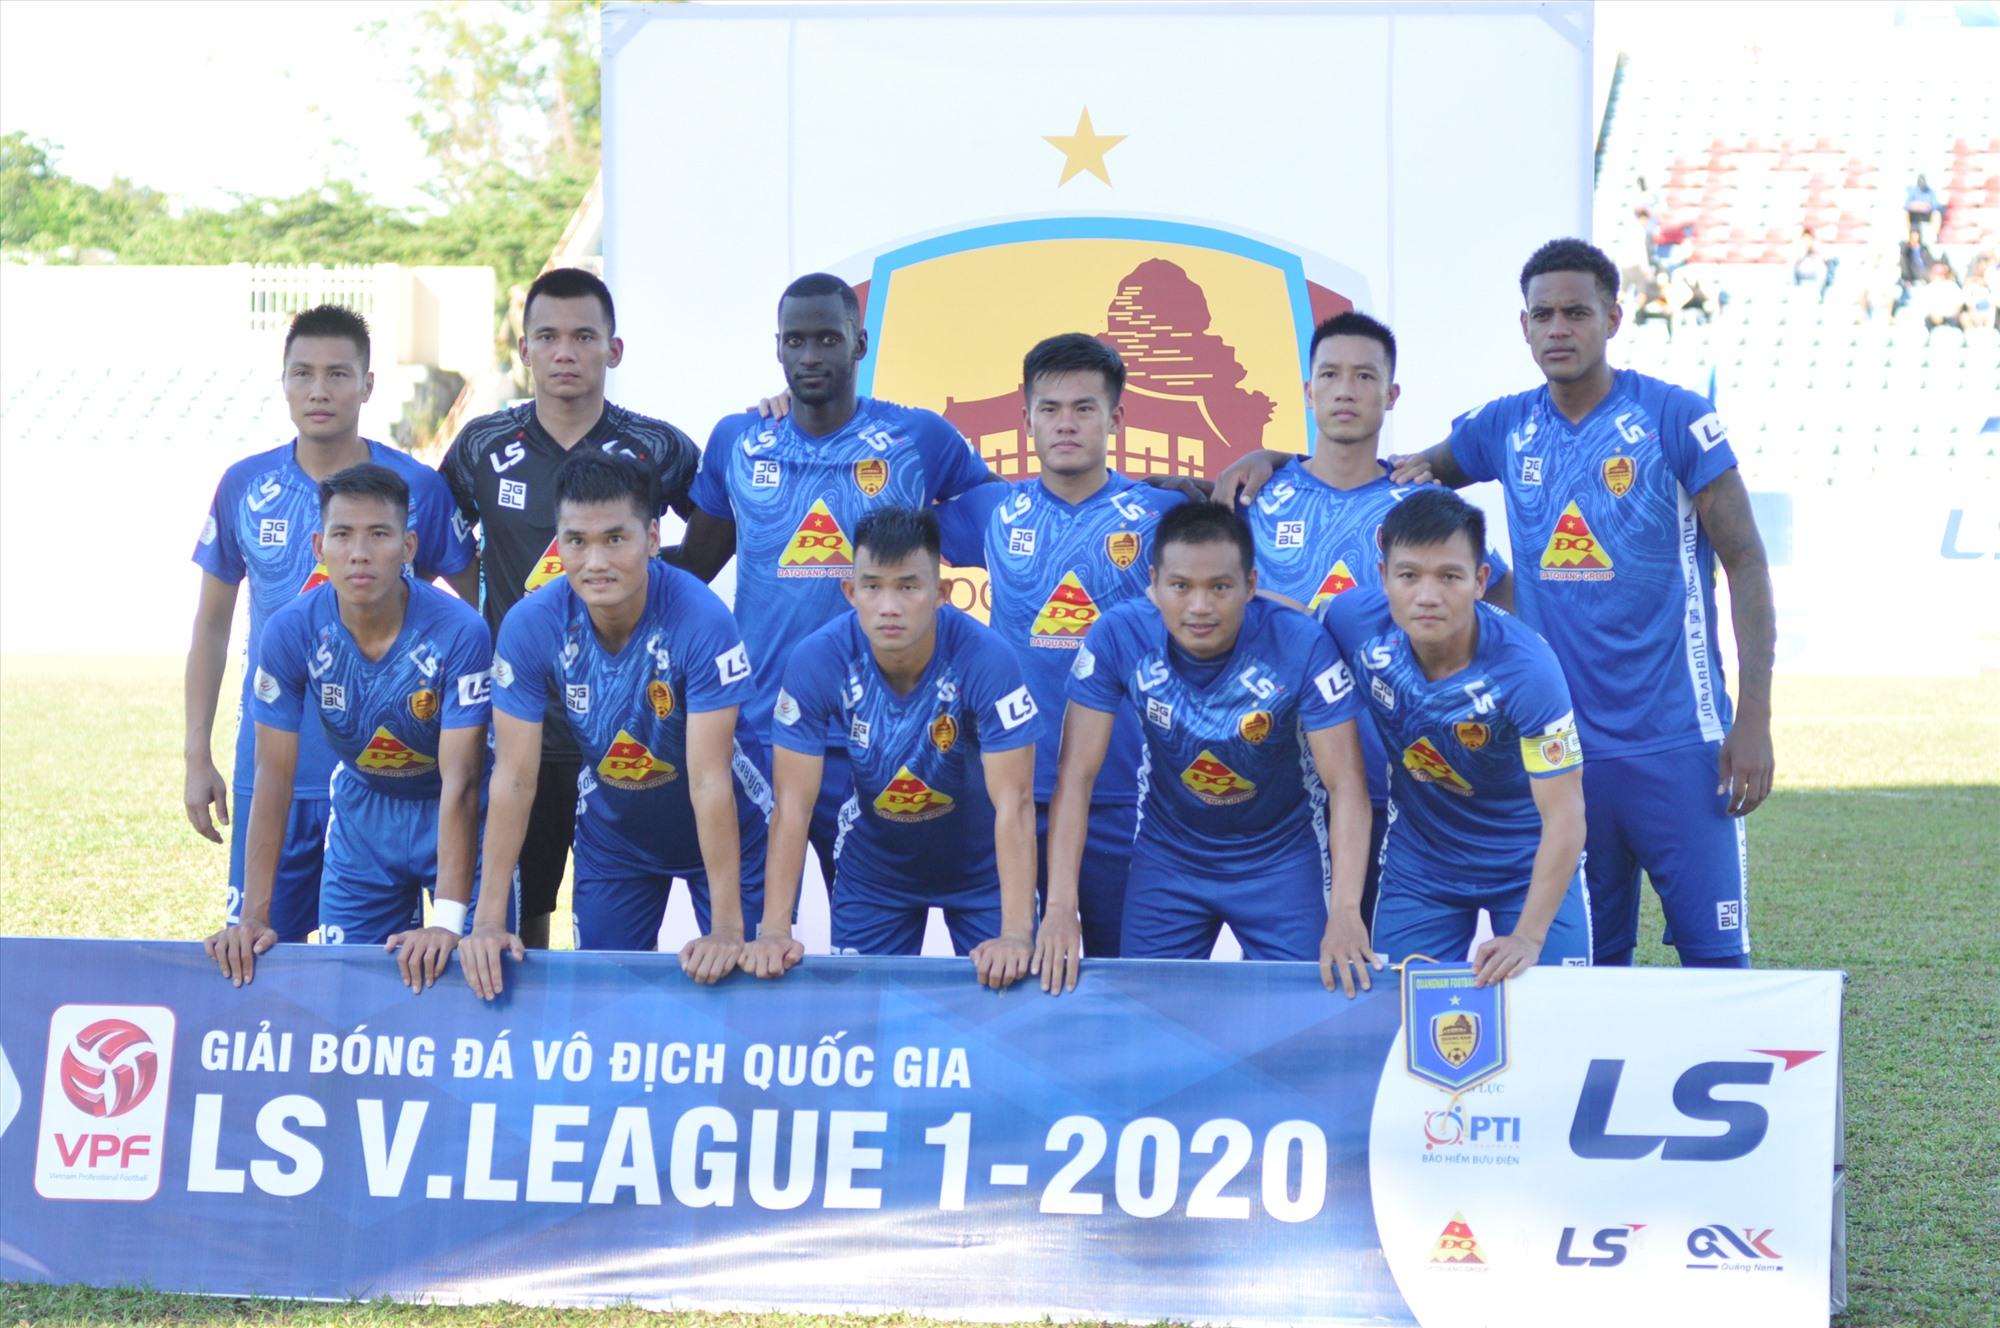 Giữ nguyên đội hình trong trận thắng Sông Lam Nghệ An ở vòng đấu trước khi gặp Dược Nam Hà Nam Định, Quảng Nam thi đấu khá tốt trong hiệp 1. Ảnh: A.S